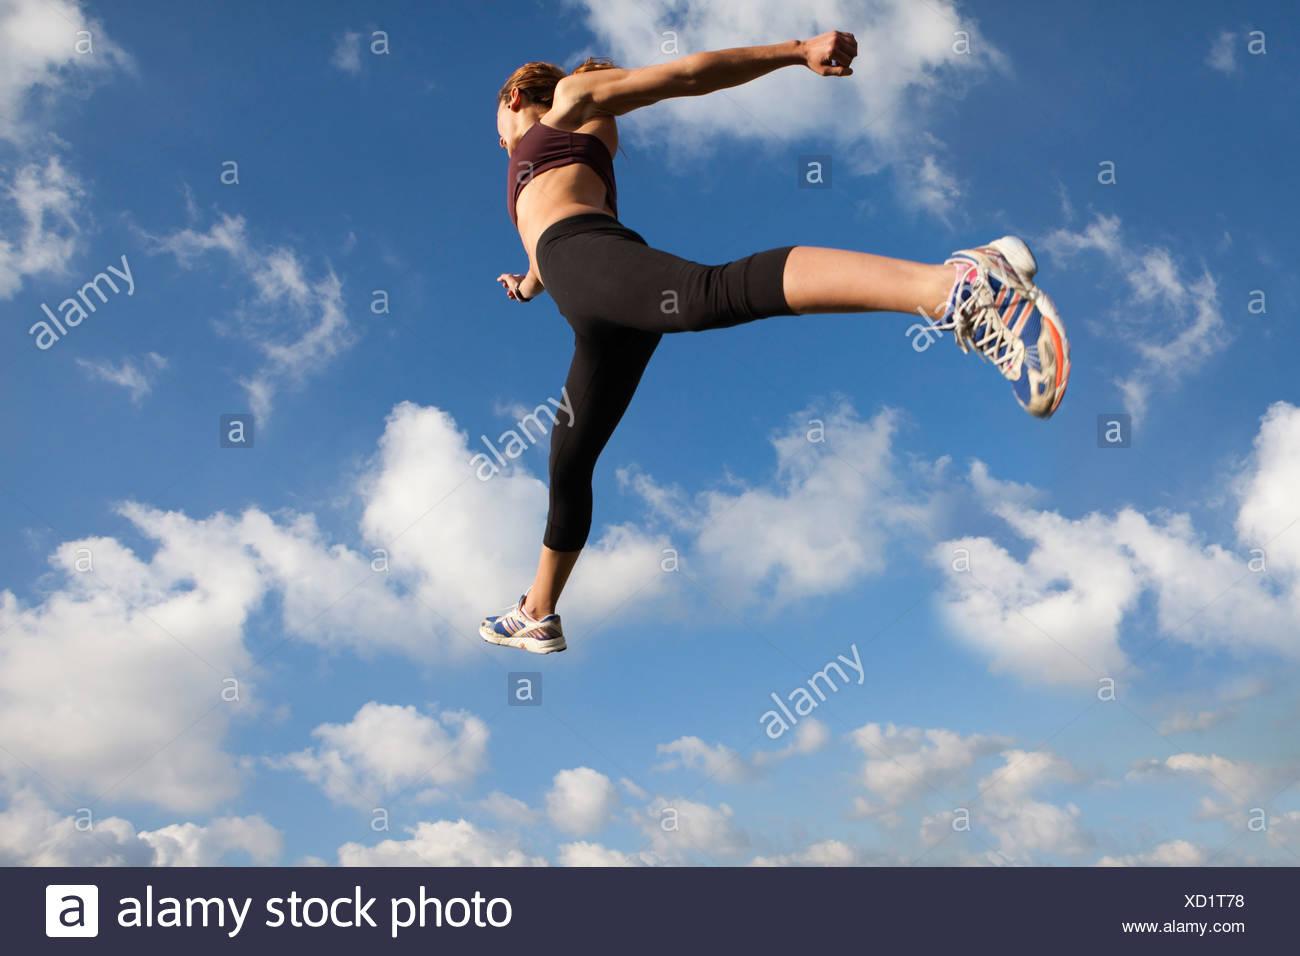 Frau in der Luft springen Stockbild